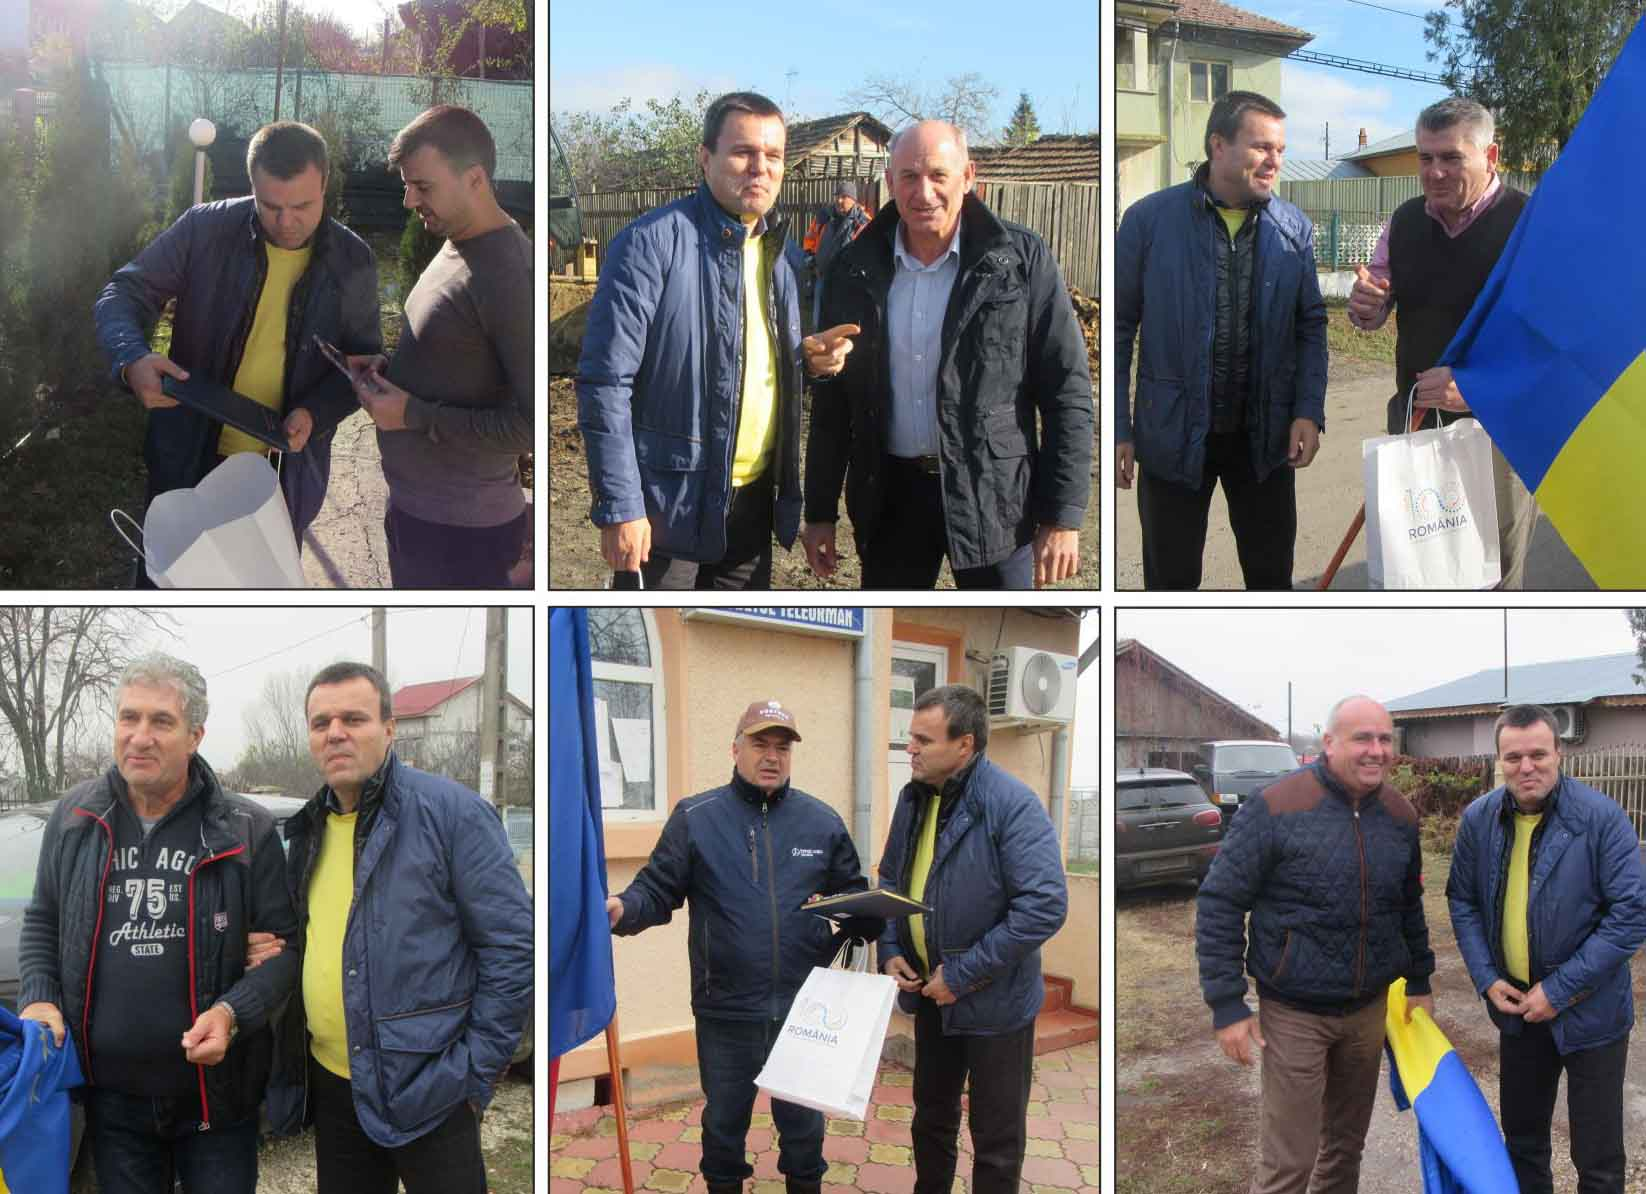 Senatorul Eugen Pîrvulescu, alături de primarii liberali, într-o amplă campanie de promovare a Centenarului